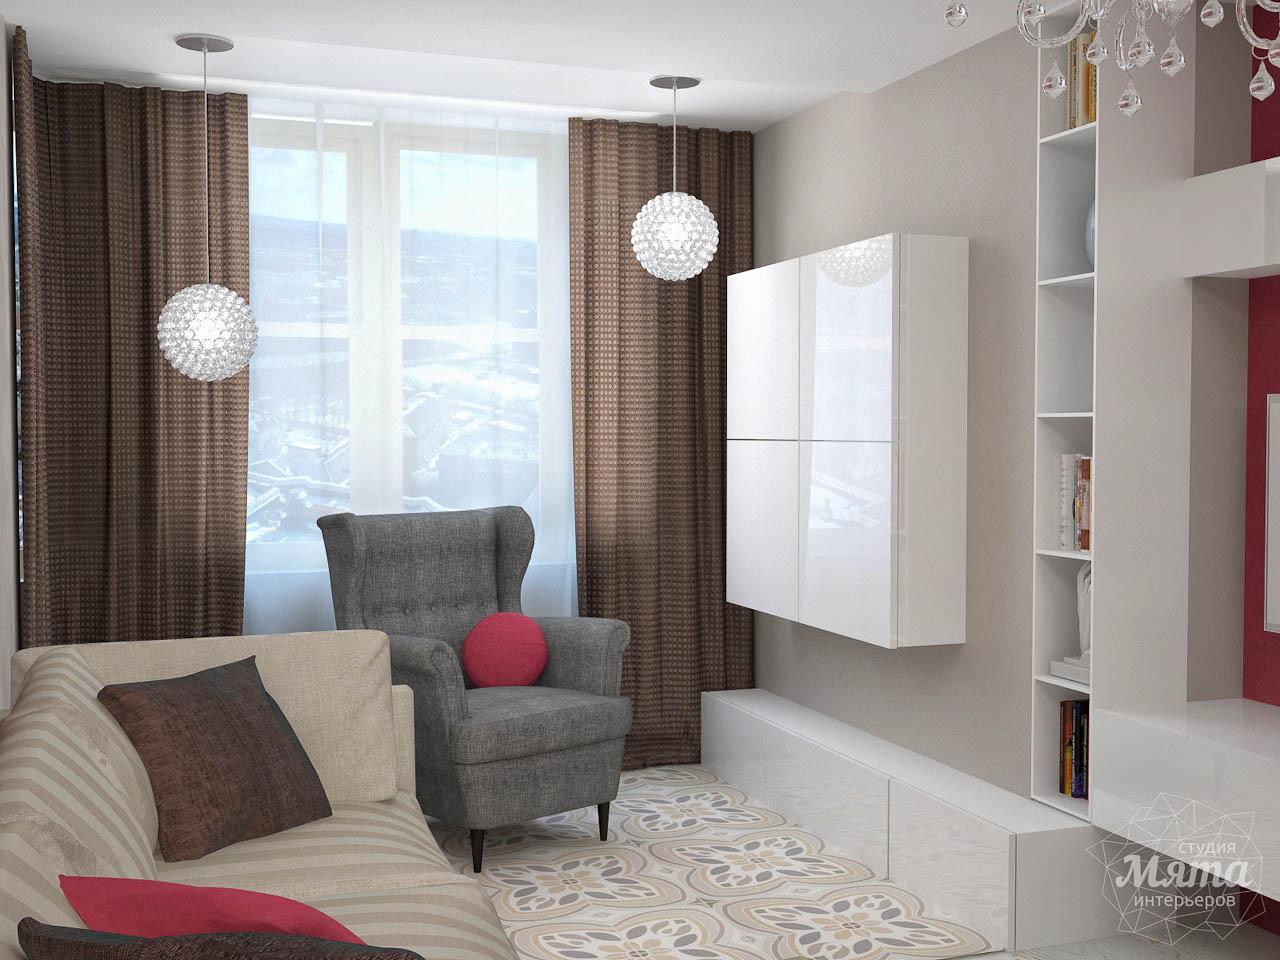 Дизайн интерьера и ремонт трехкомнатной квартиры по ул. Фучика 9 img1260483994